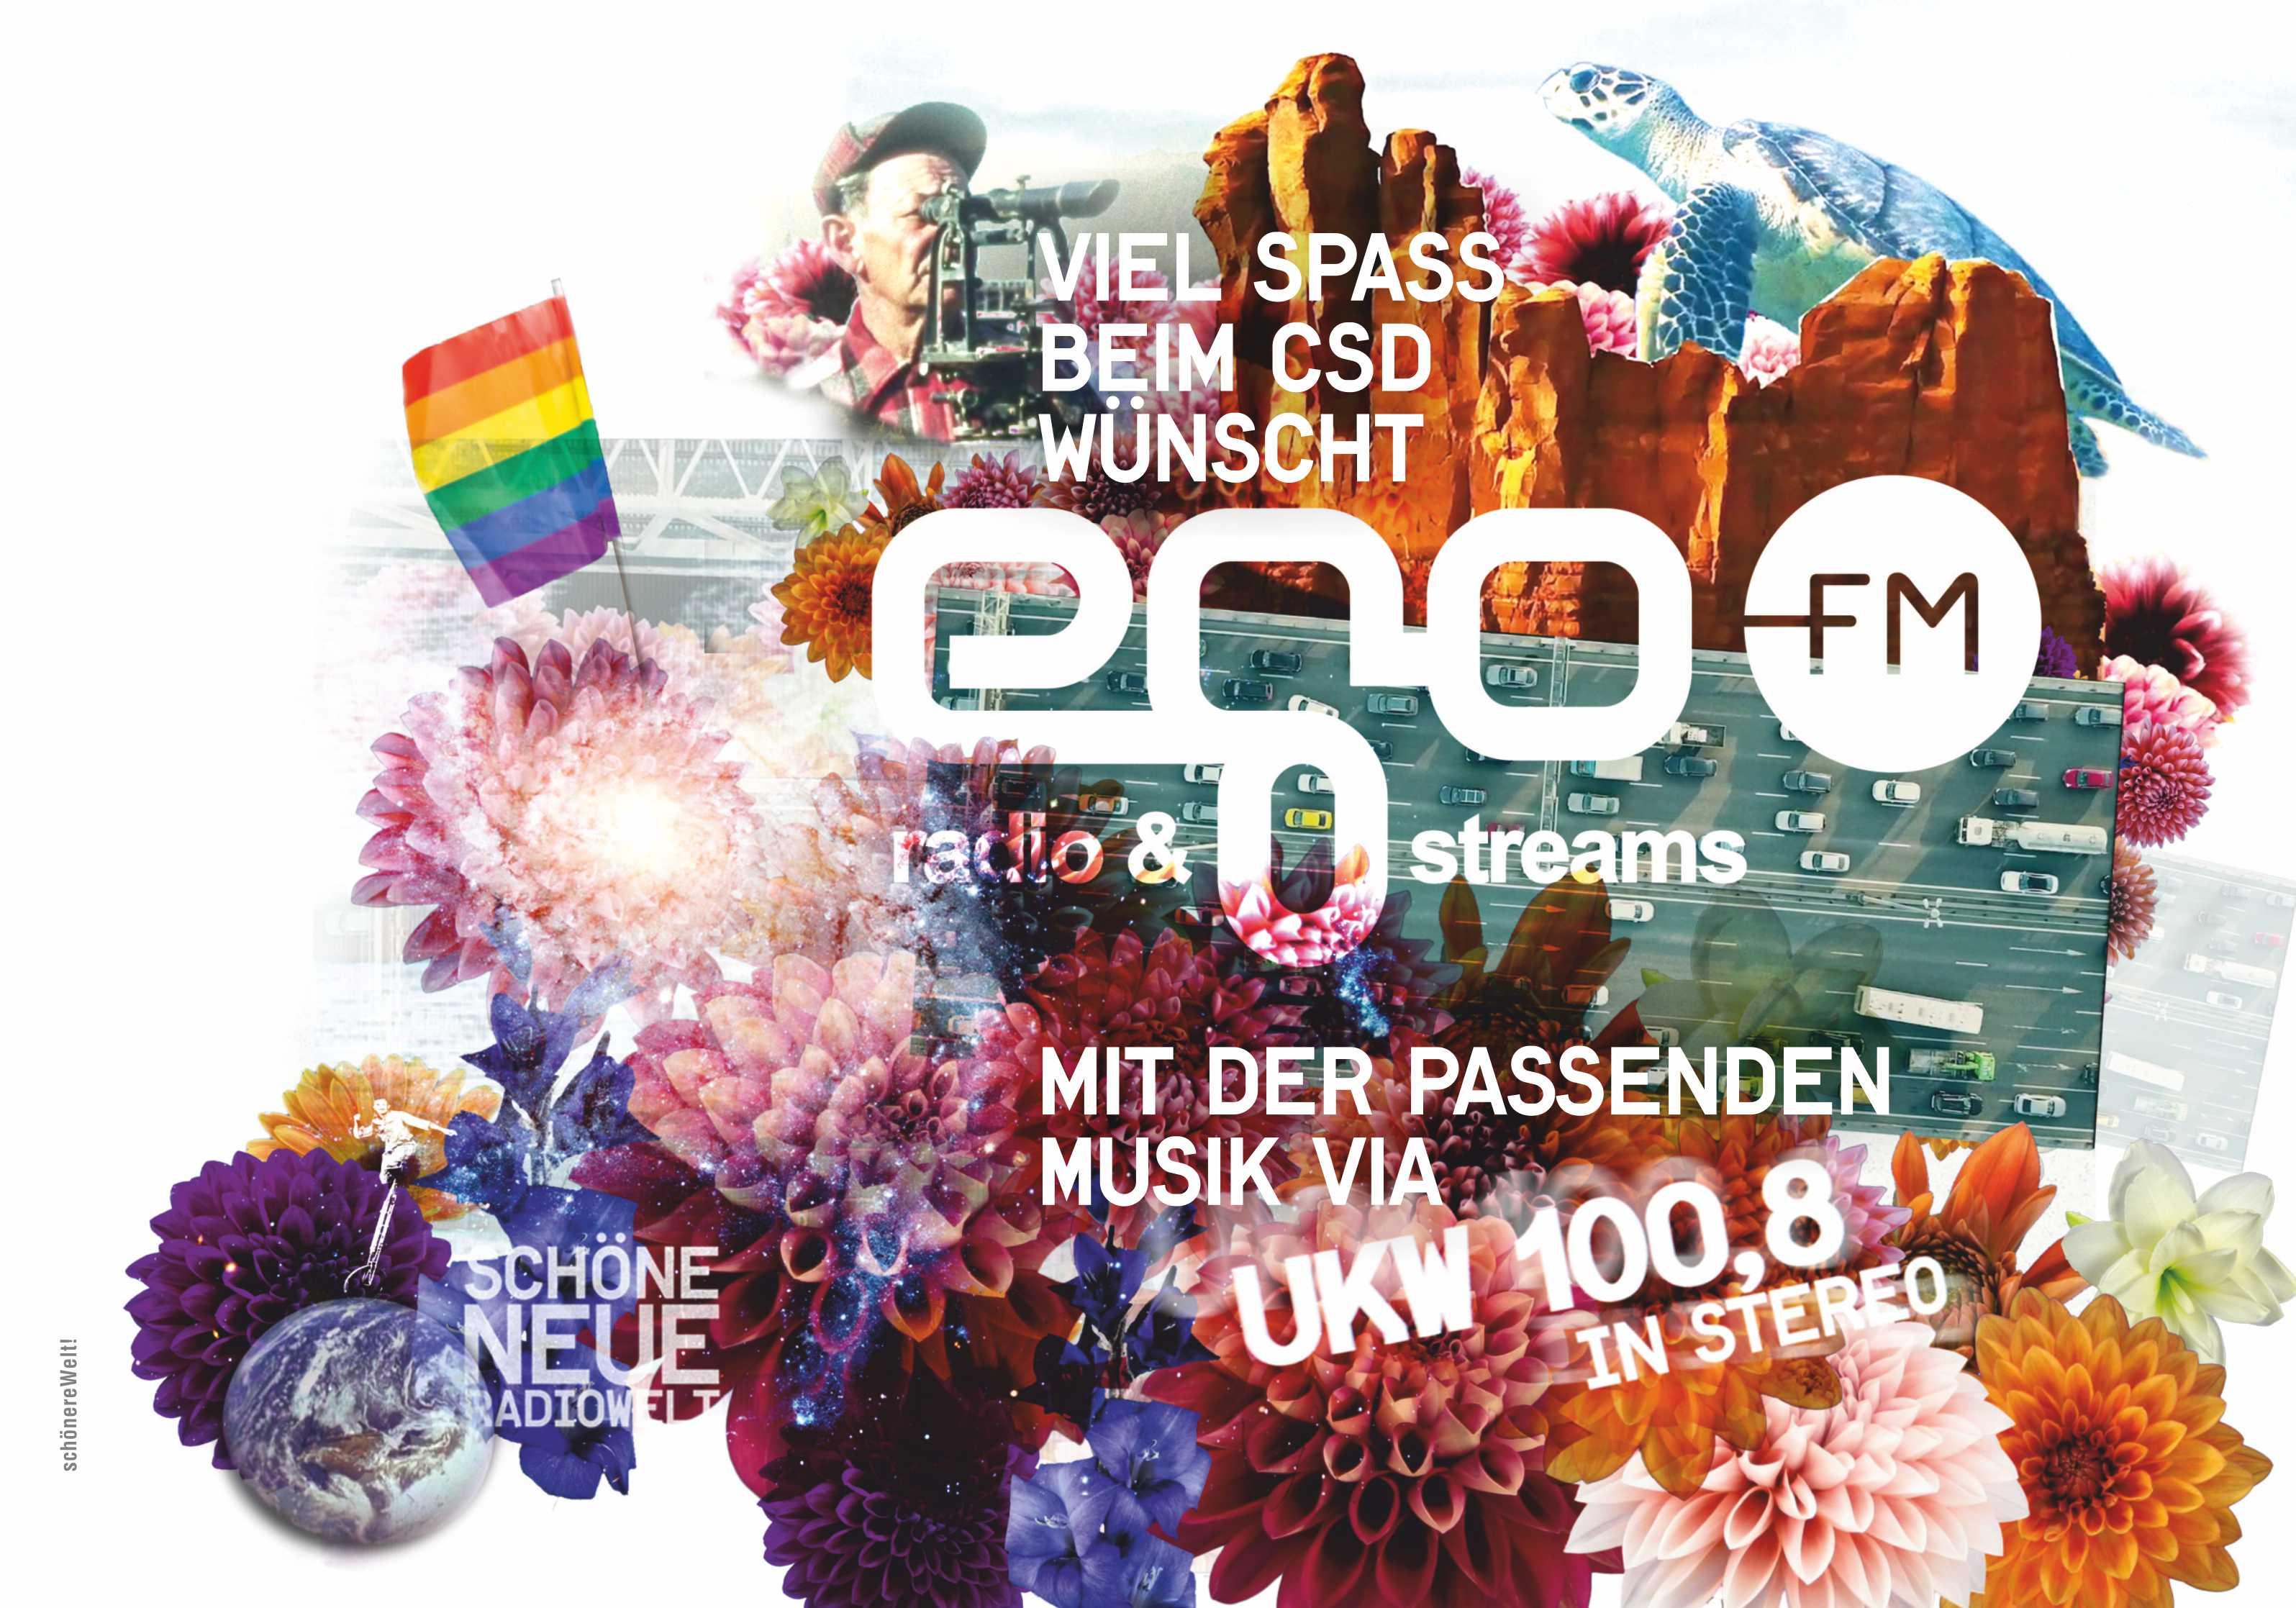 Anzeige für egoFM zum Cristopher Street Day CSD 2020 München Gay Pride Yeah!